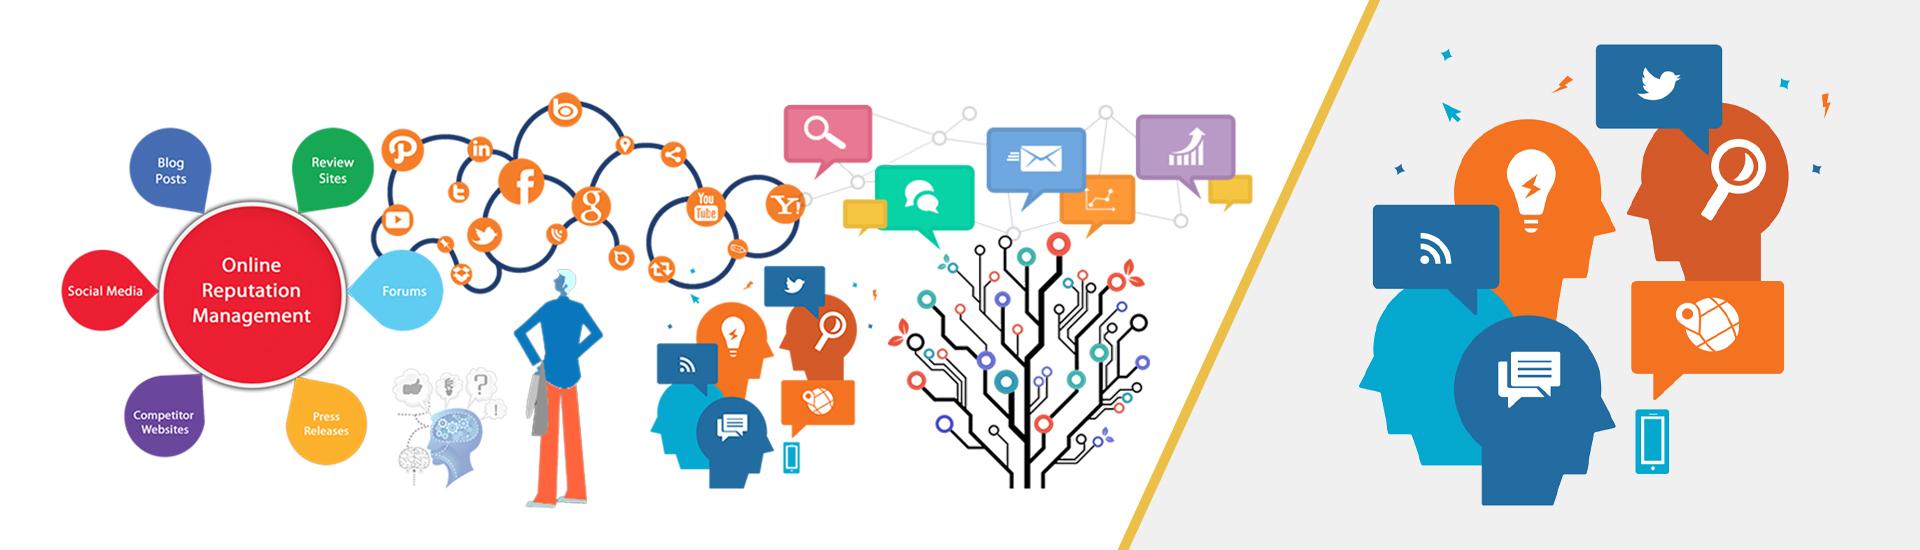 ORM (Online Reputation Management) Services